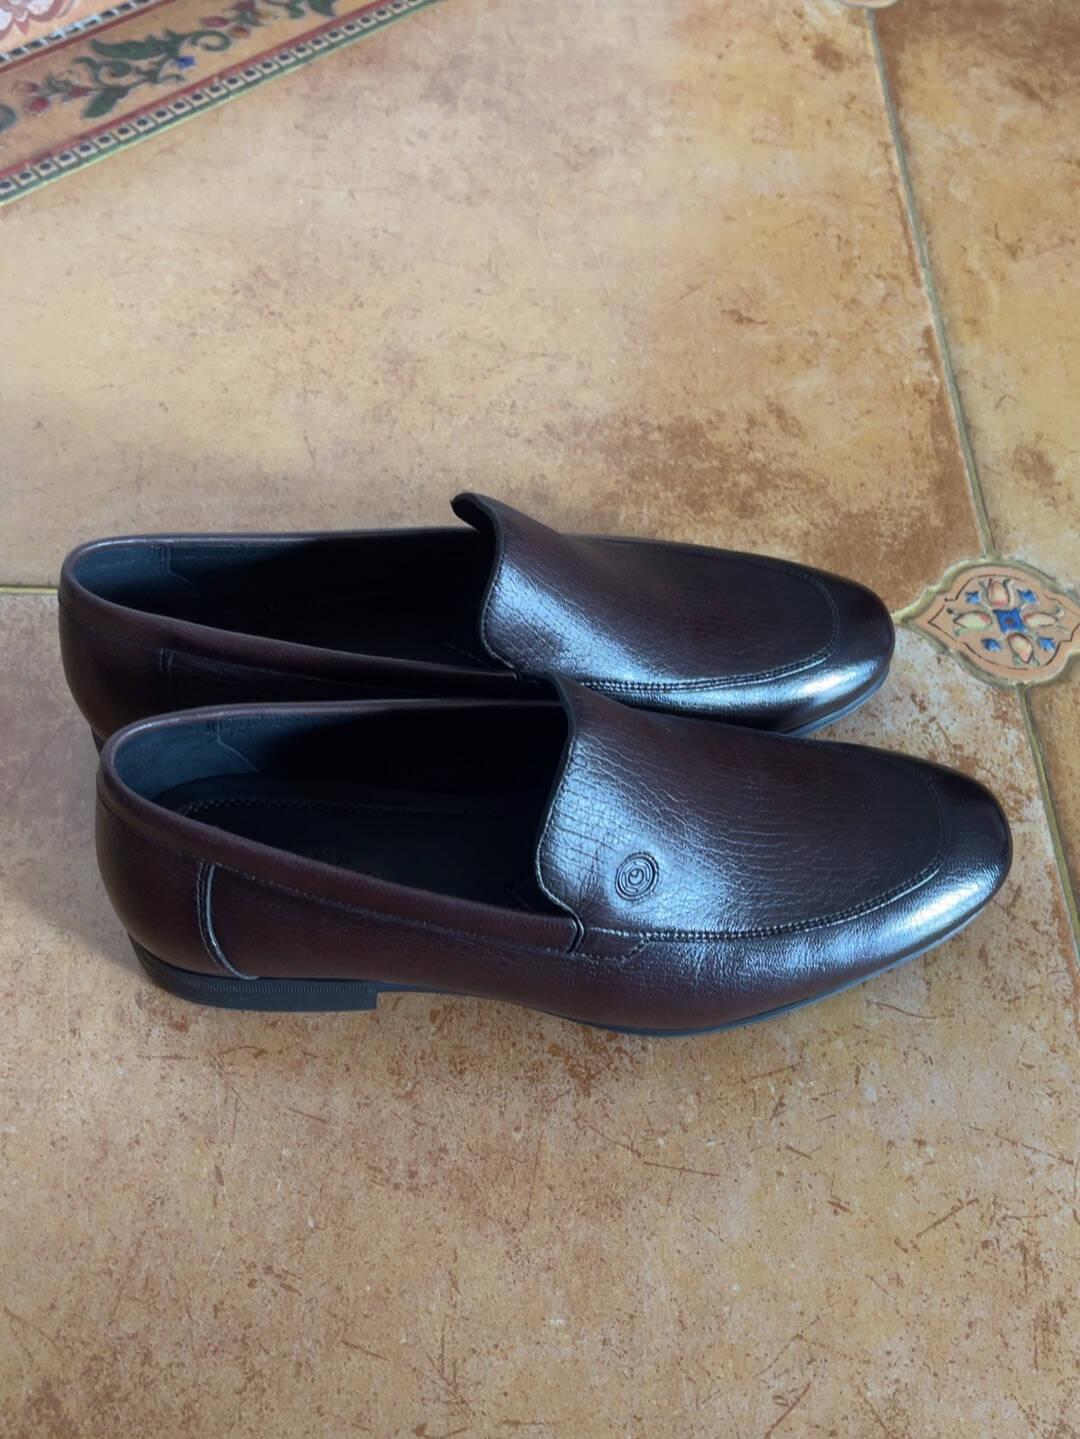 金利来(goldlion)男鞋都市商务皮鞋舒适耐穿商务休闲鞋乐福鞋50211020901A-黑色-41码